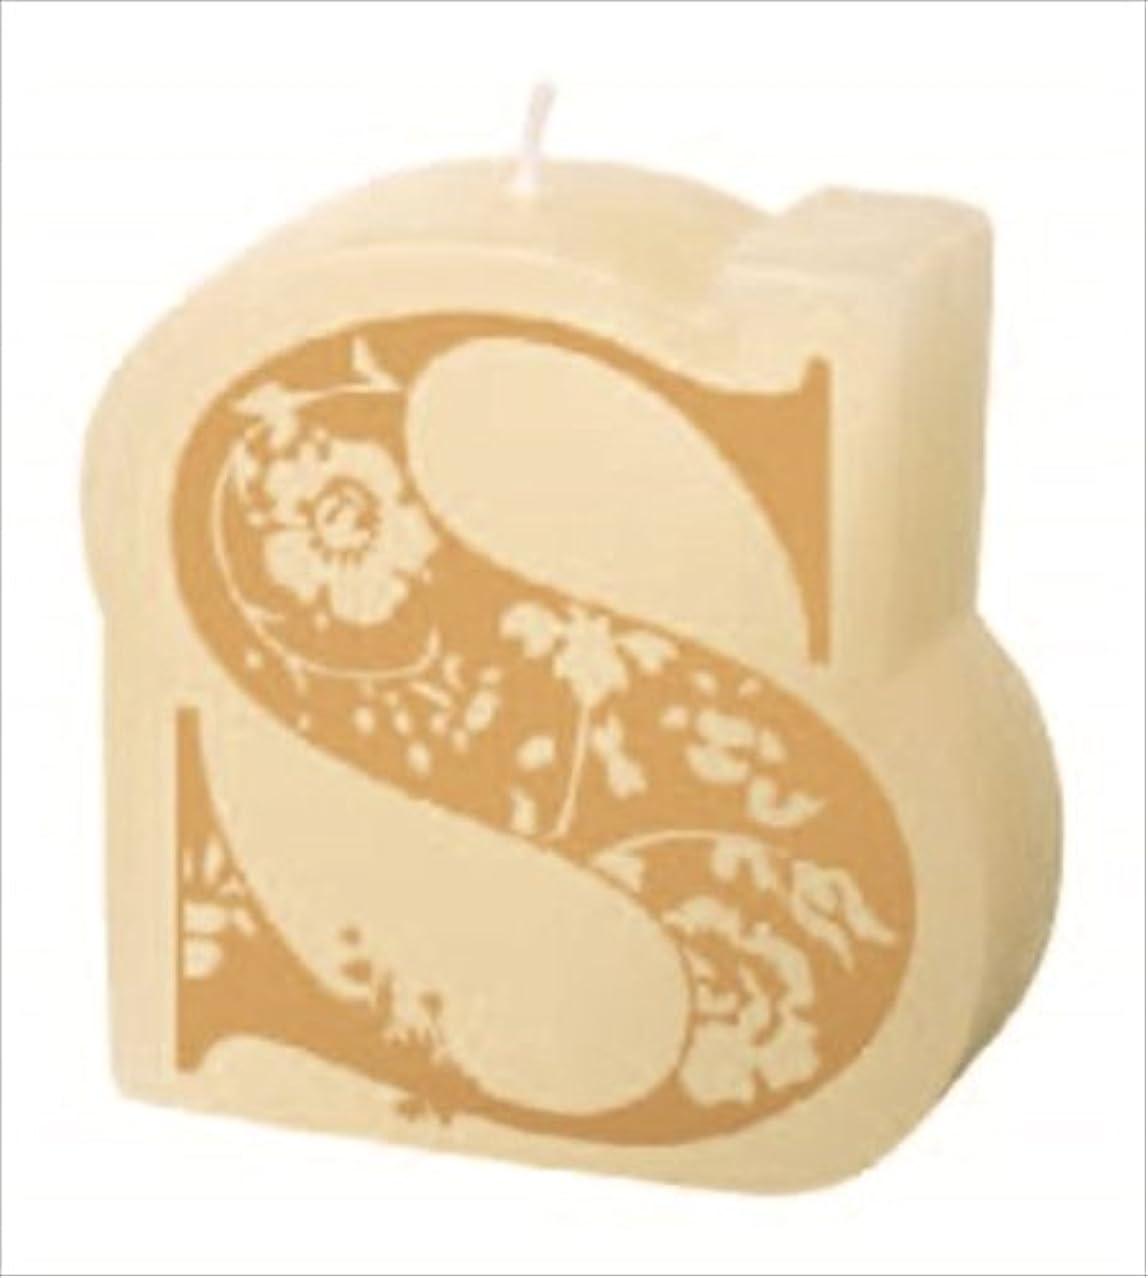 振動させるユダヤ人クライストチャーチカメヤマキャンドル(kameyama candle) イニシャルキャンドルミニ 「 S 」